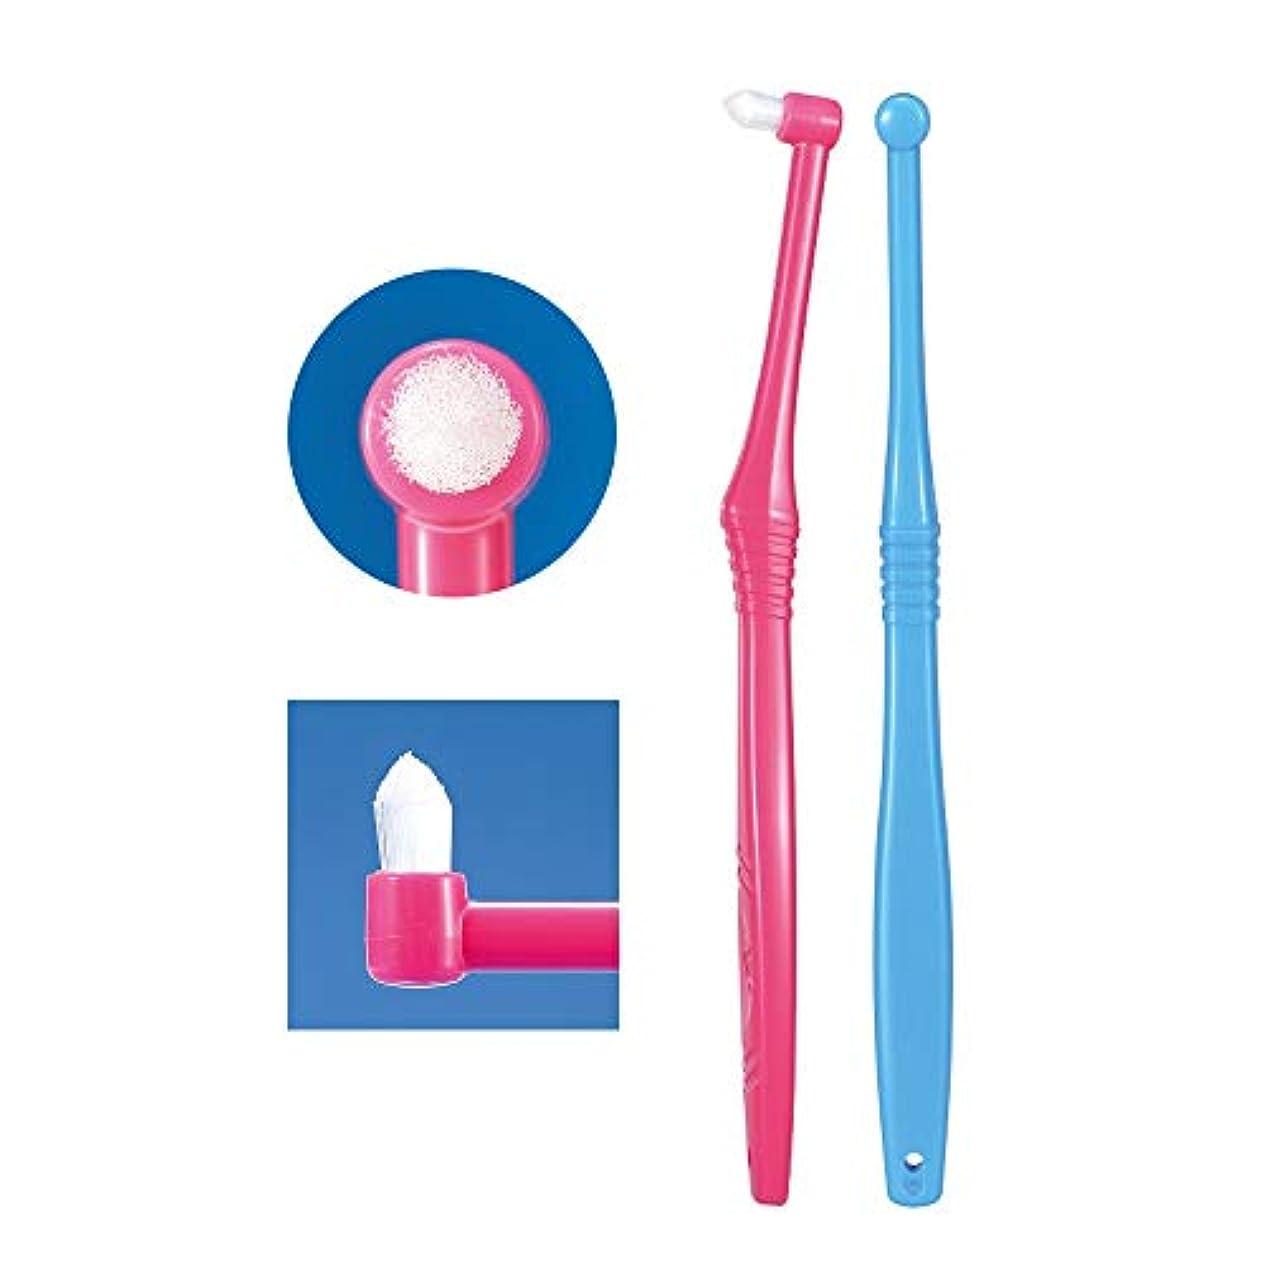 市長チケット無許可Ci PROワンタフト 1本 ラージヘッド S(やわらかめ) ポイント磨き 歯科専売品